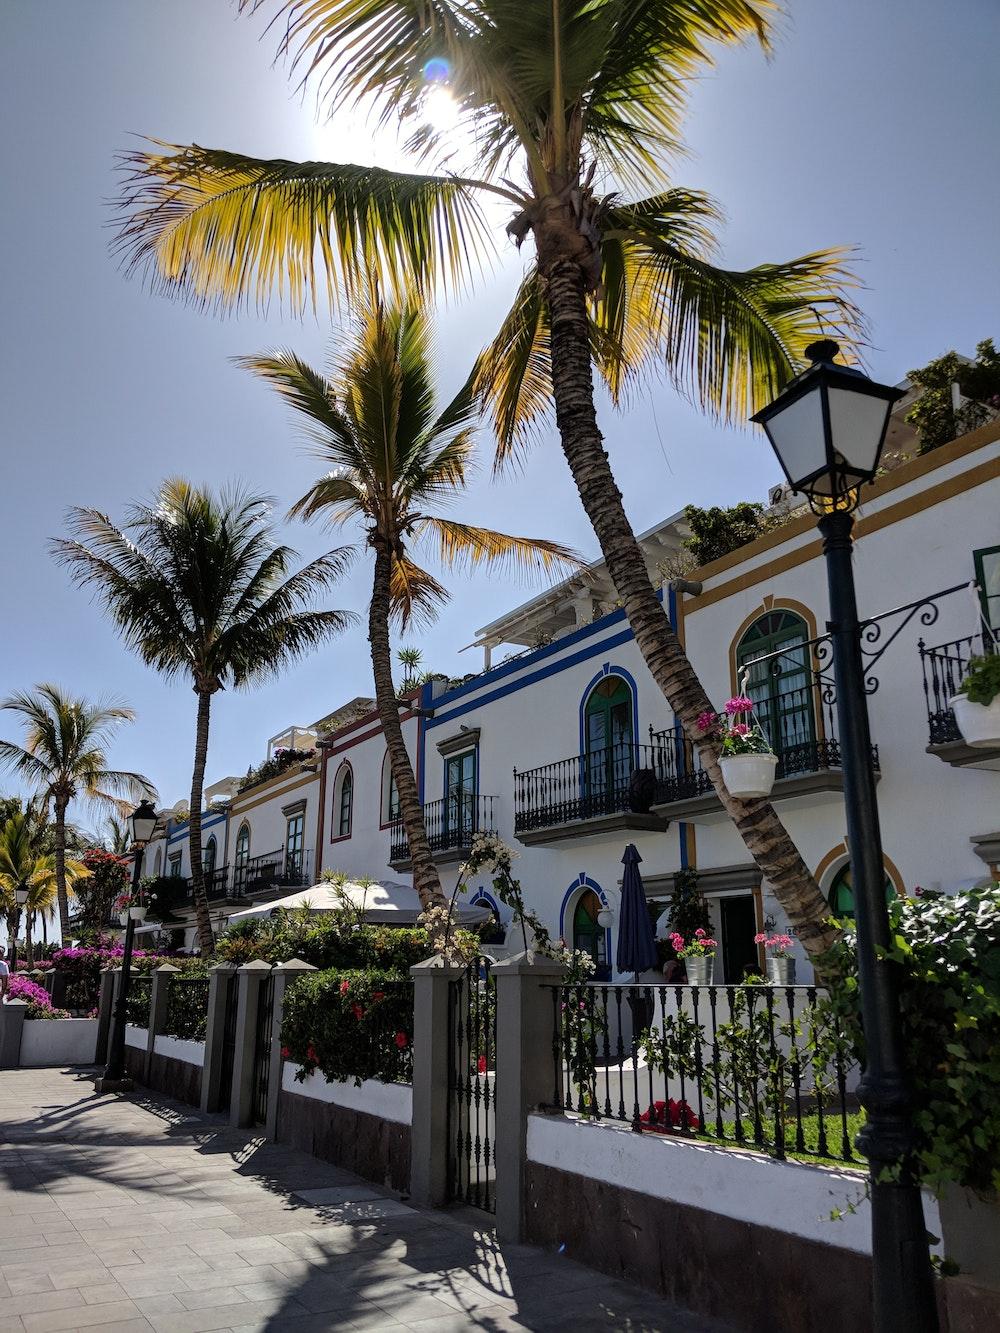 Some of the buildings in Puerto de Mogan